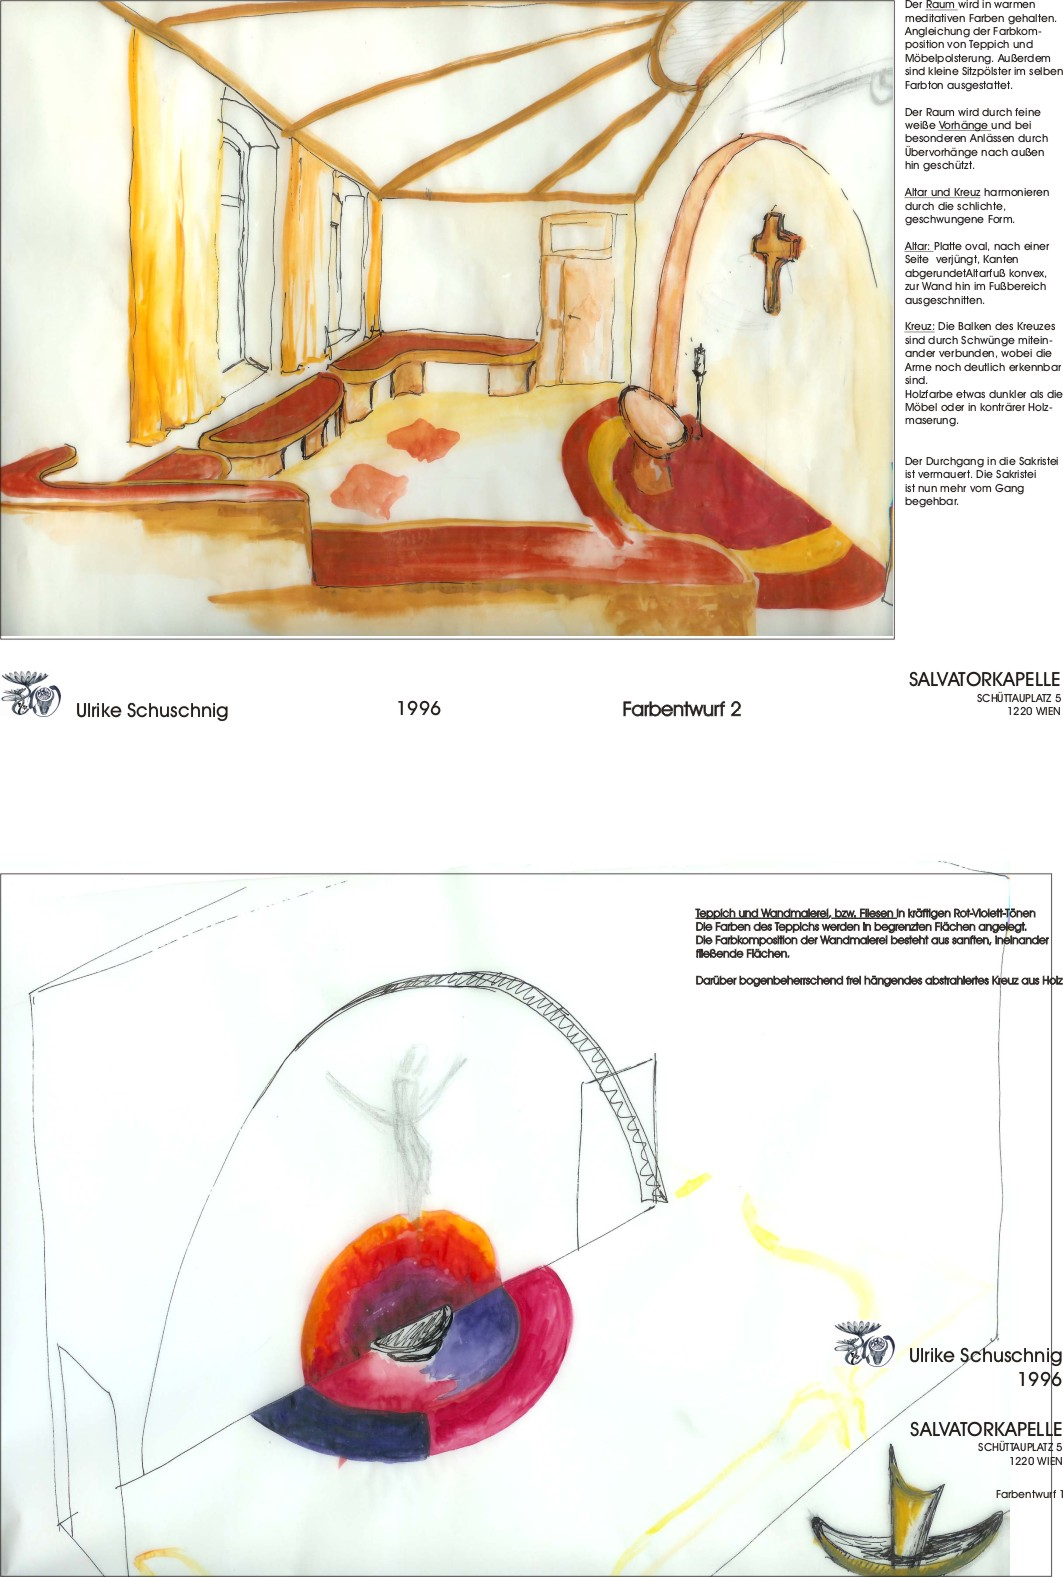 Kapelle - Farbentw 1 und 2